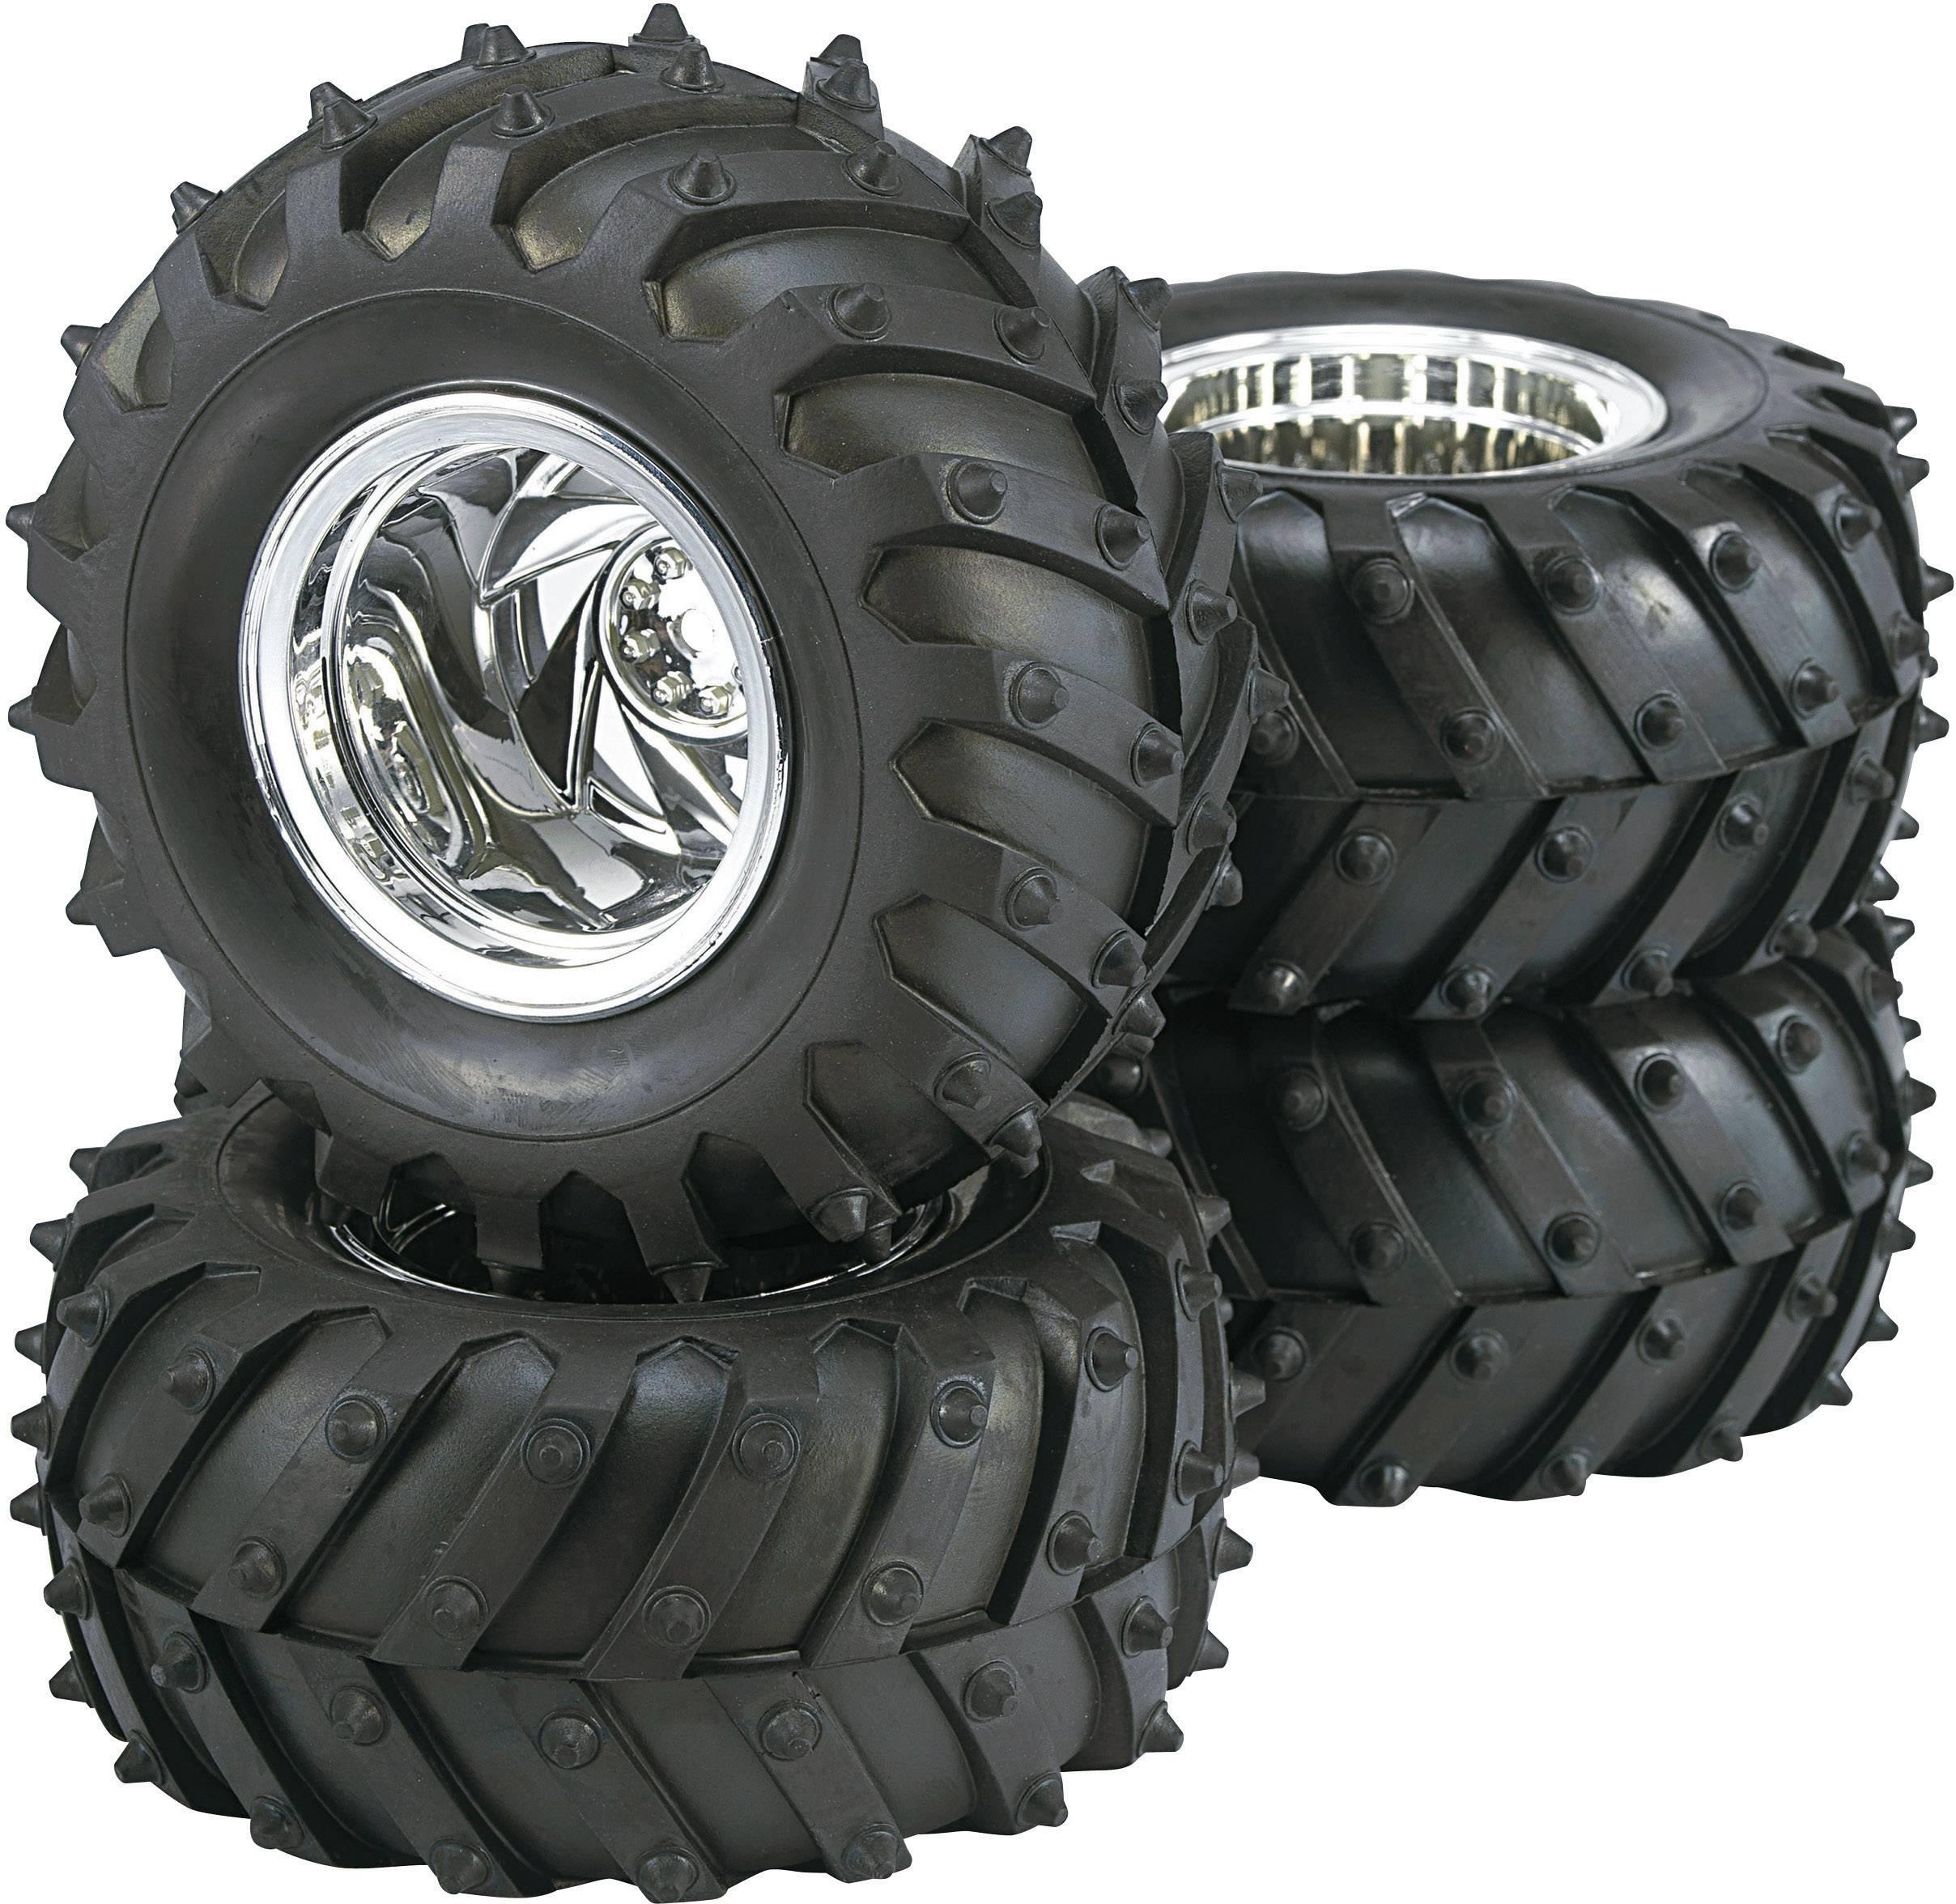 Kompletné kolesá Reely 7203+7102 pre monster truck, 125 mm, 1:10, 4 ks, chróm